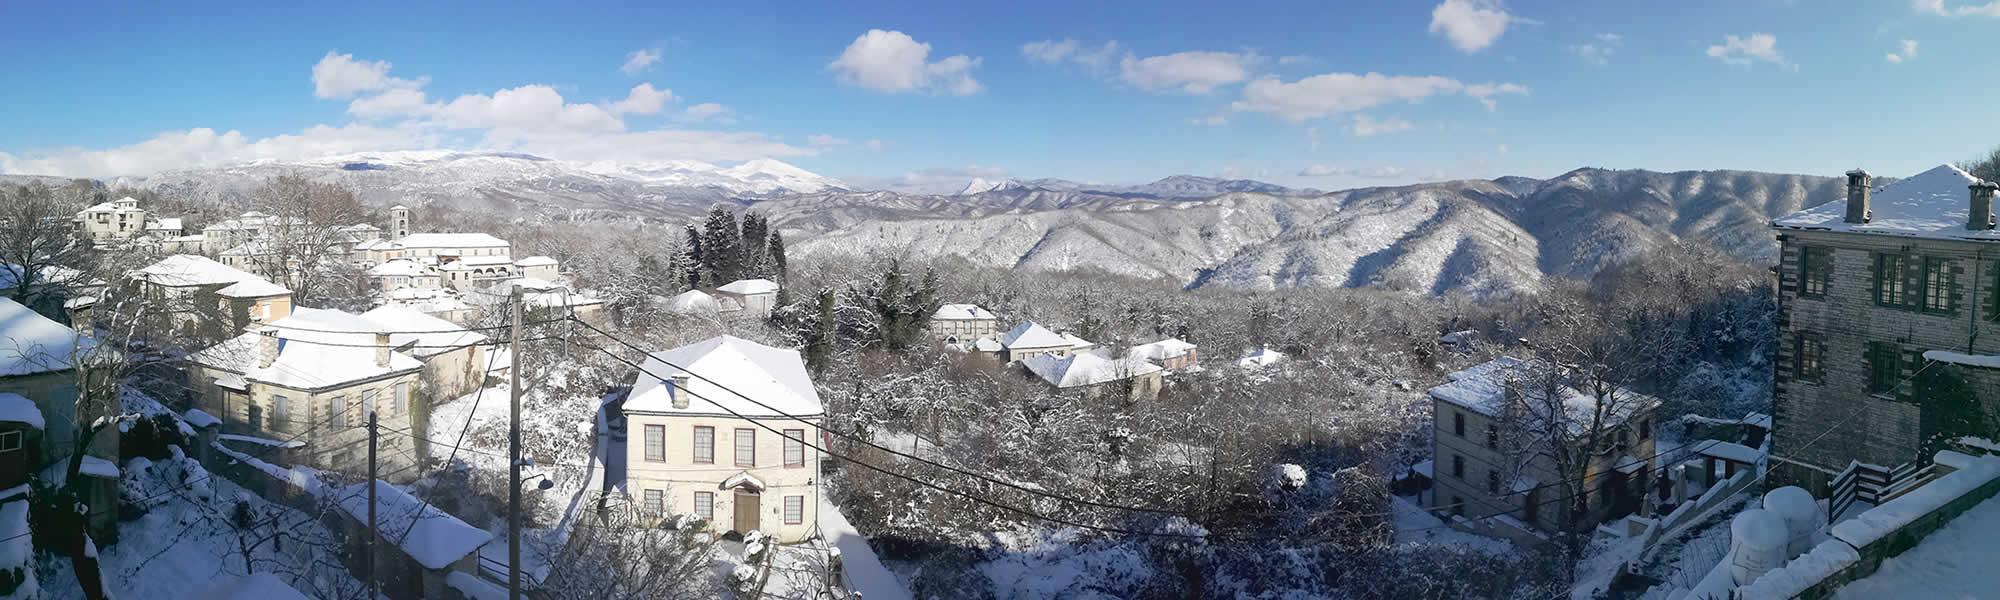 Χιόνια στο Δίλοφο, Ιανουάριος 2019, Ξενώνας Βέρα